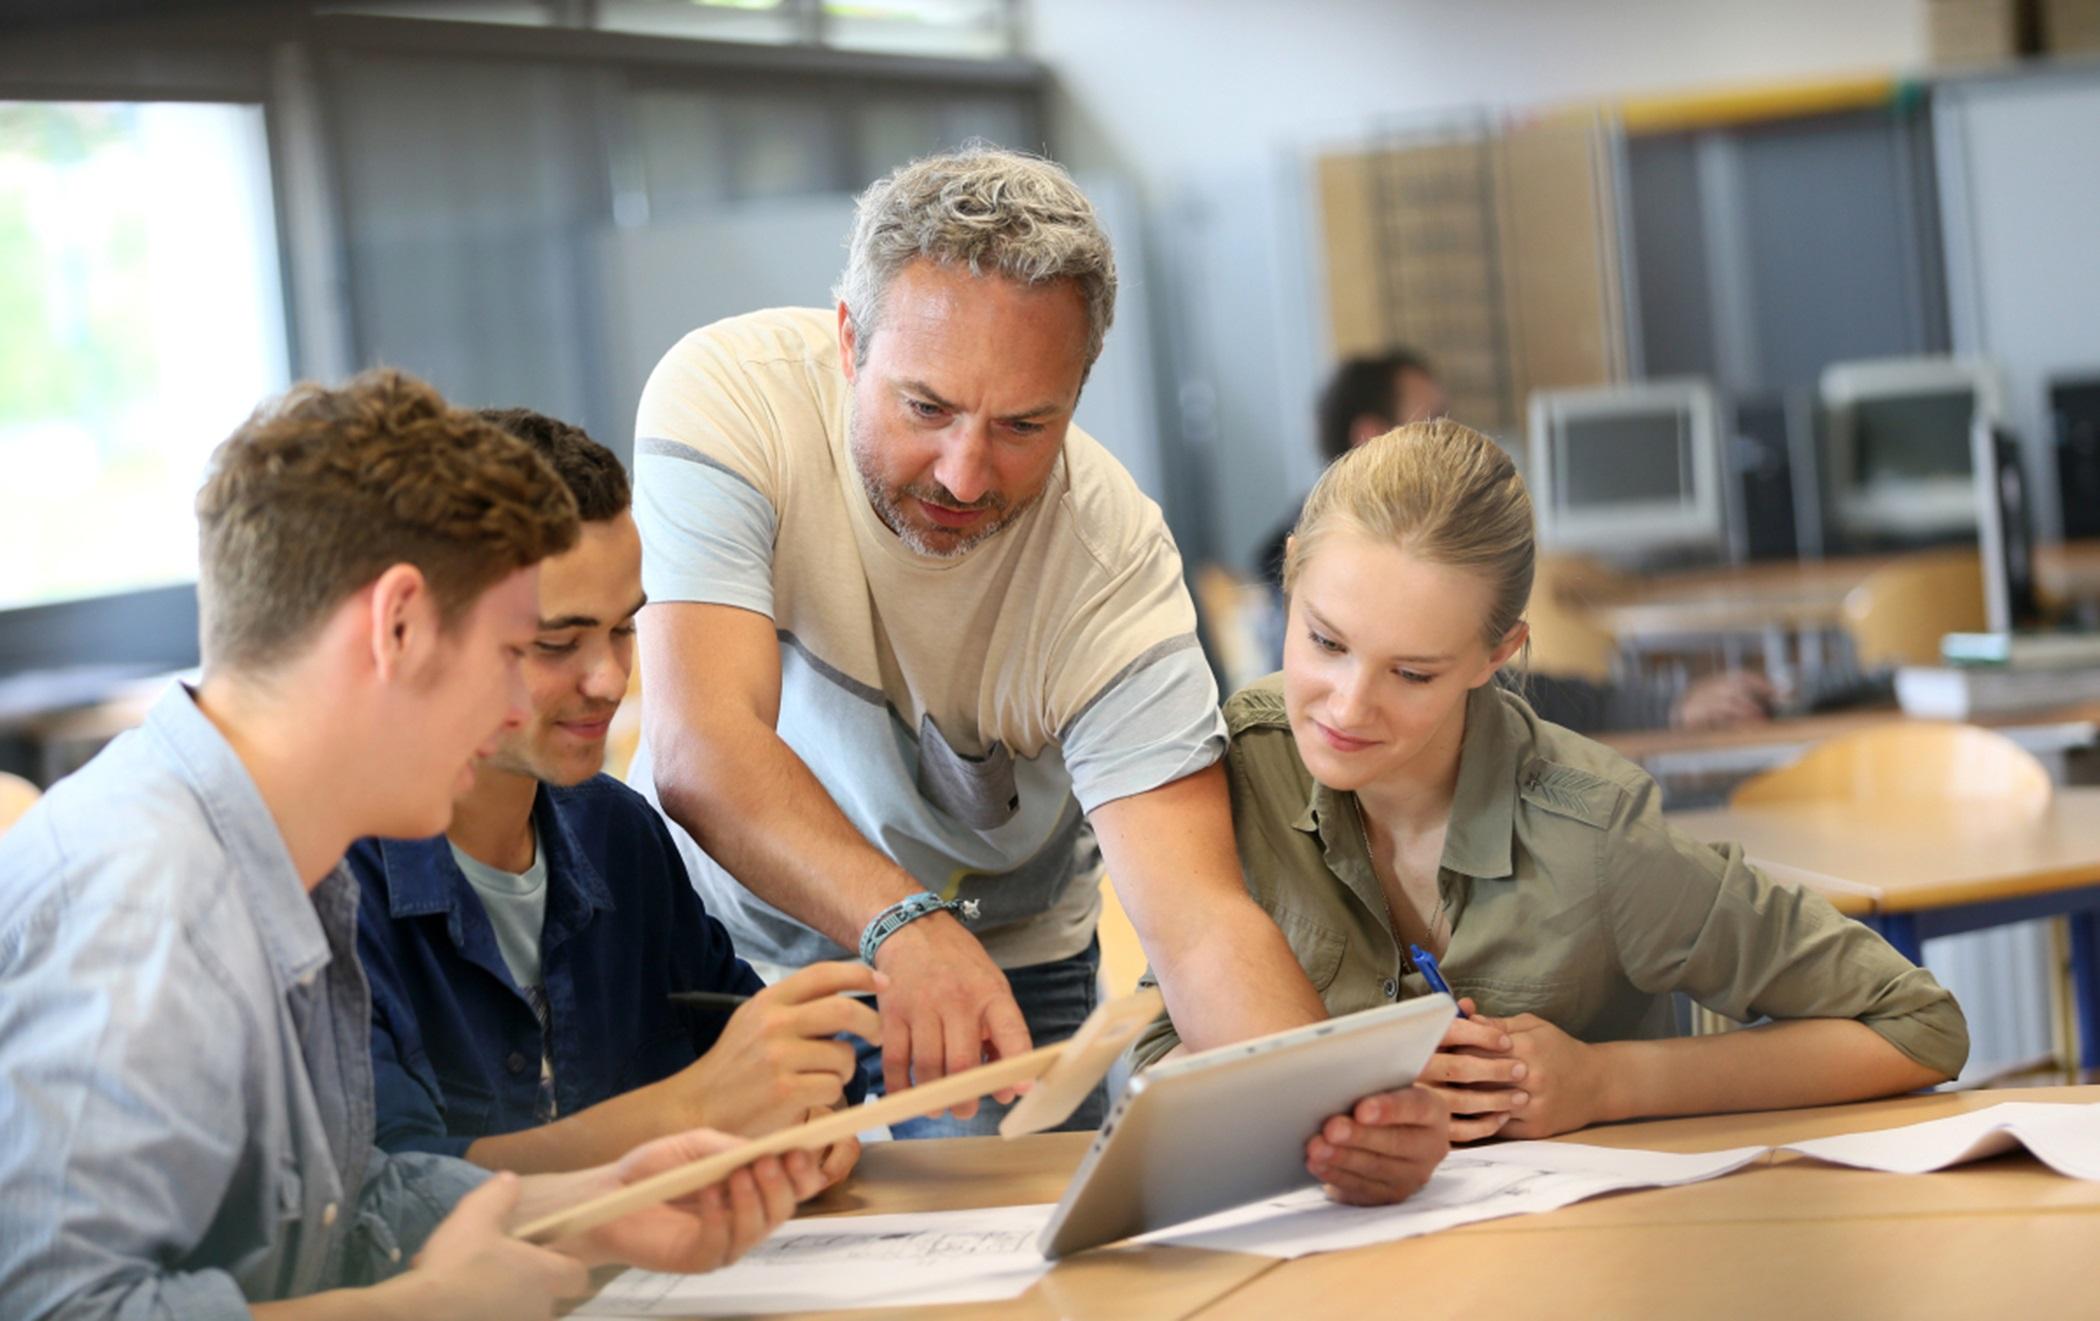 Μεθοδολογική προσέγγιση και Καλές Πρακτικές στις Μονάδες Επαγγελματικής Εκπαίδευσης και Κατάρτισης